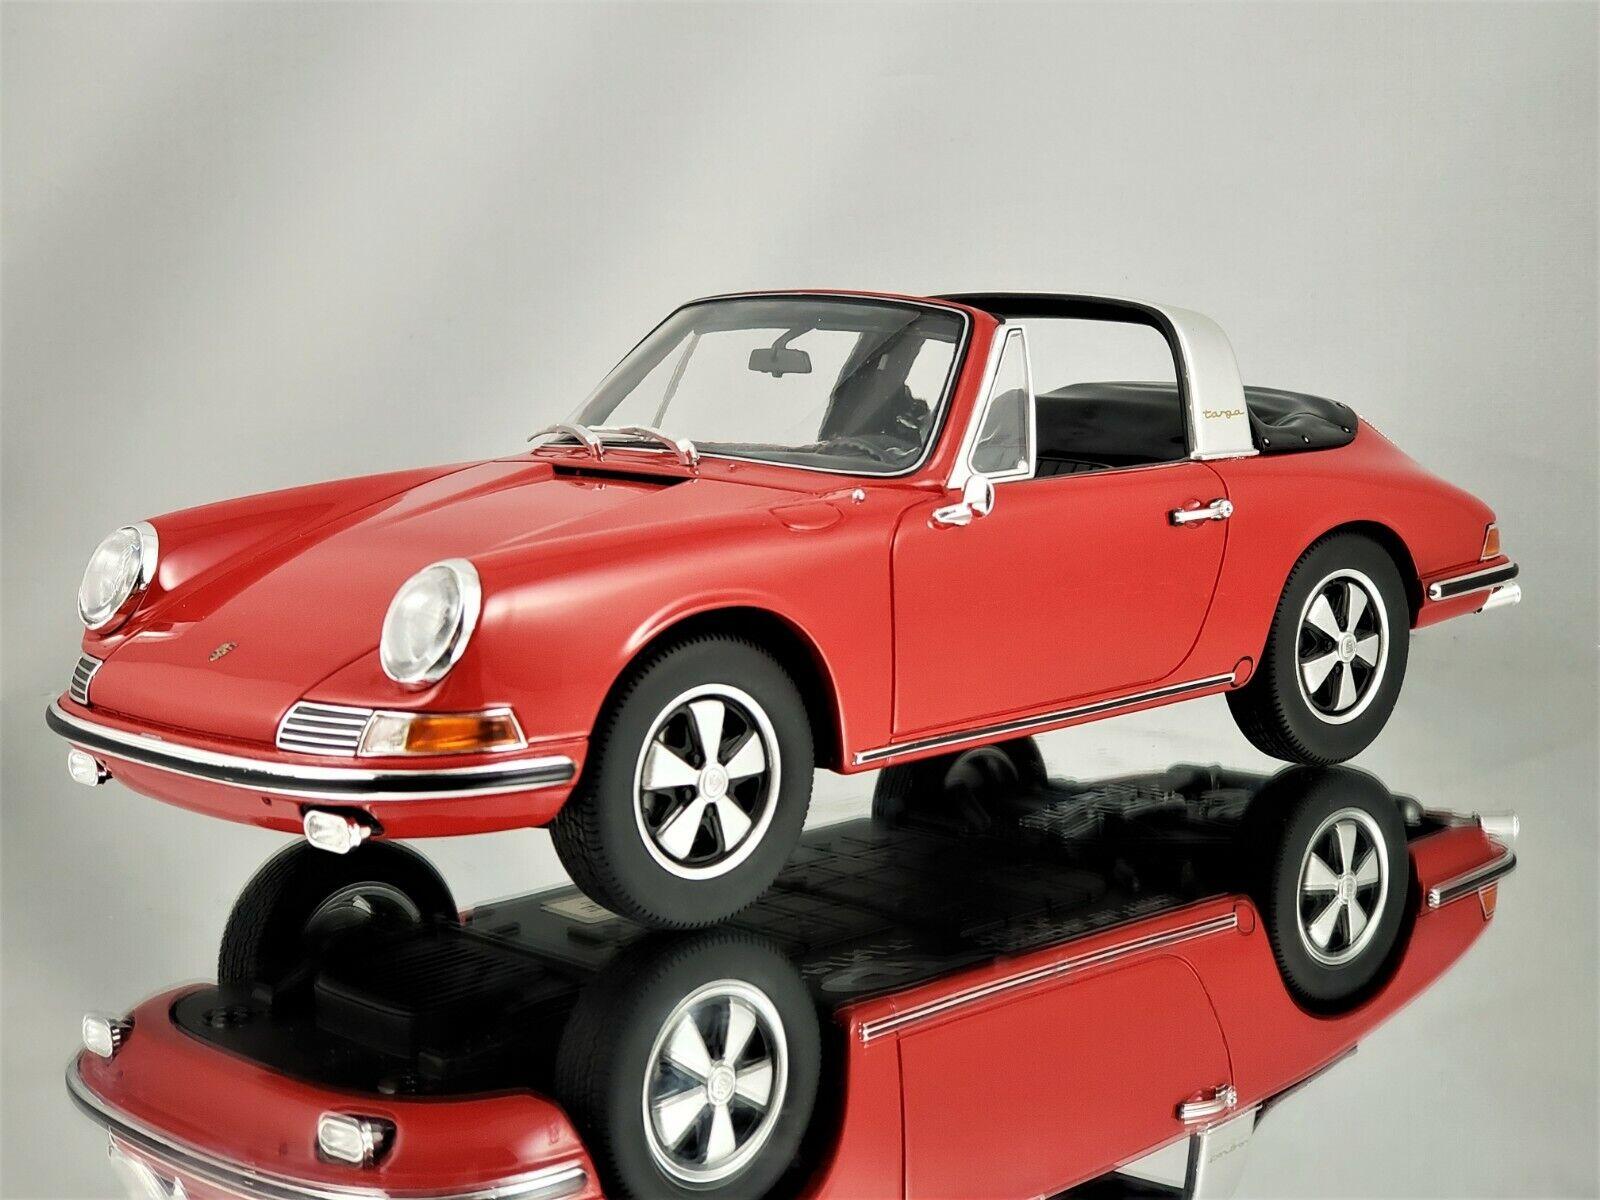 GT Spirit  Porsche 911 S (901) Targa 1967 Polo Rouge Résine Voiture Modèle 1 18  de gros